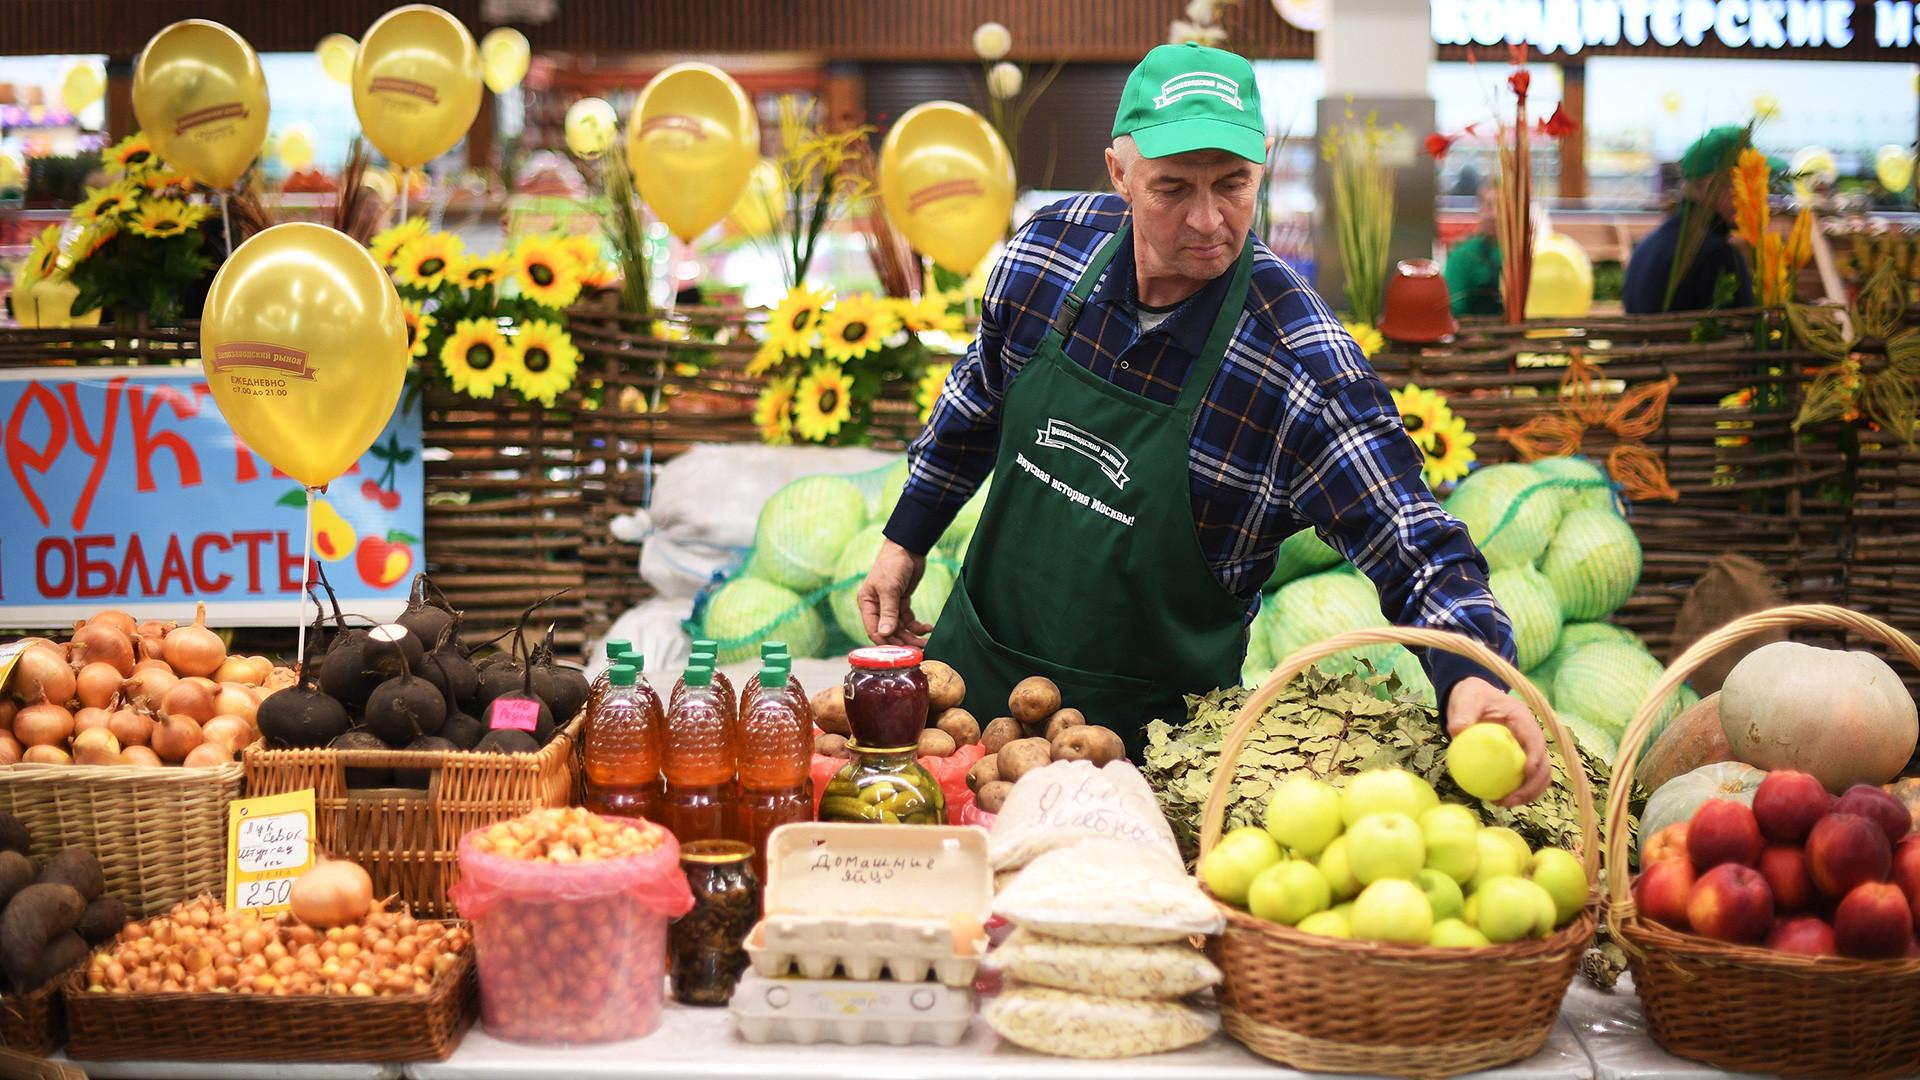 Produk di kios pasar Velozavodsky di Moskow, yang baru-baru ini dibuka kembali setelah renovasi.